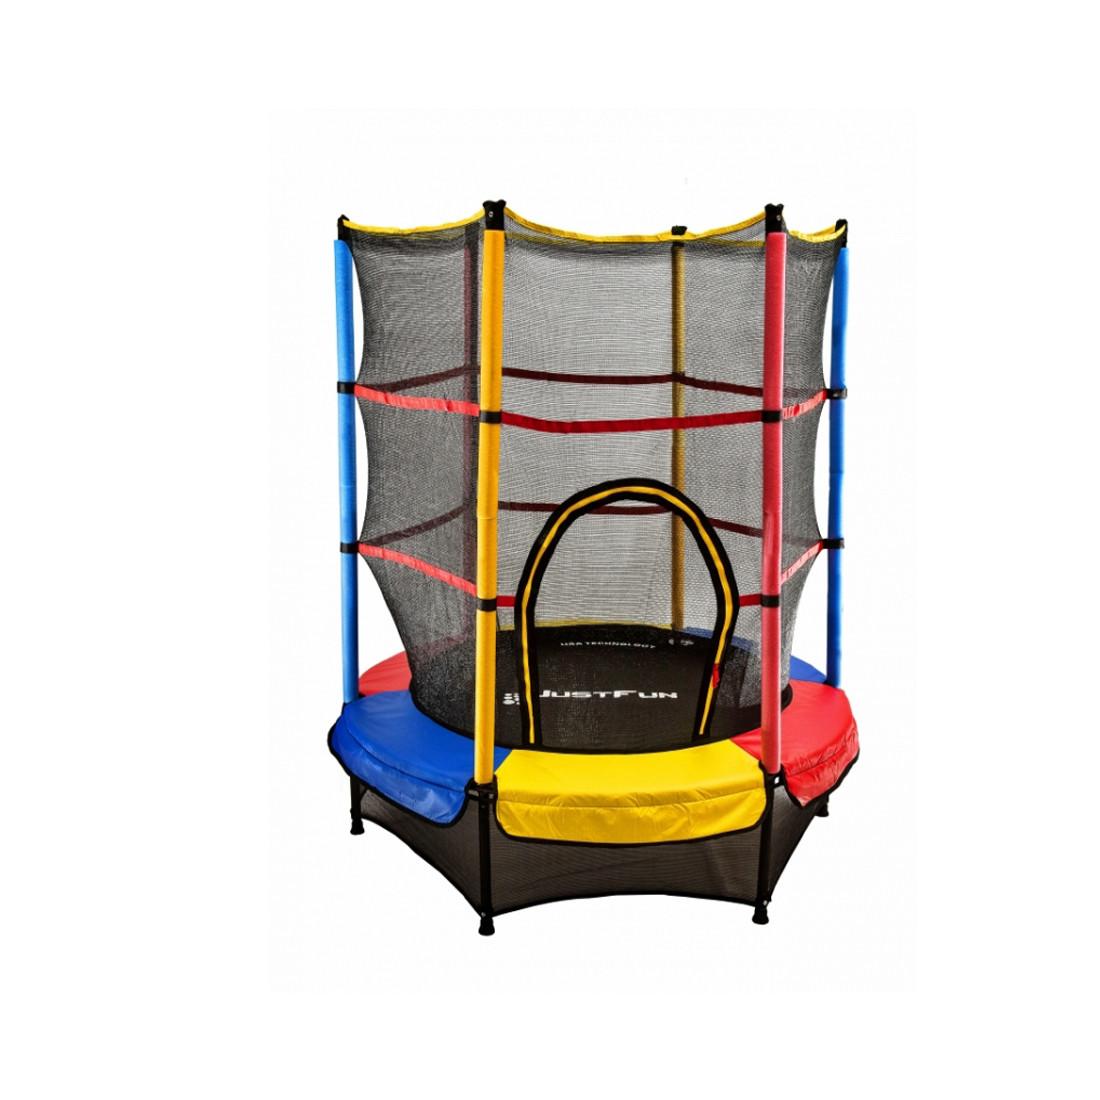 Батут для детей разноцветный Just Fun 140см Multicolor + защитная сетка (Спортивный батут)